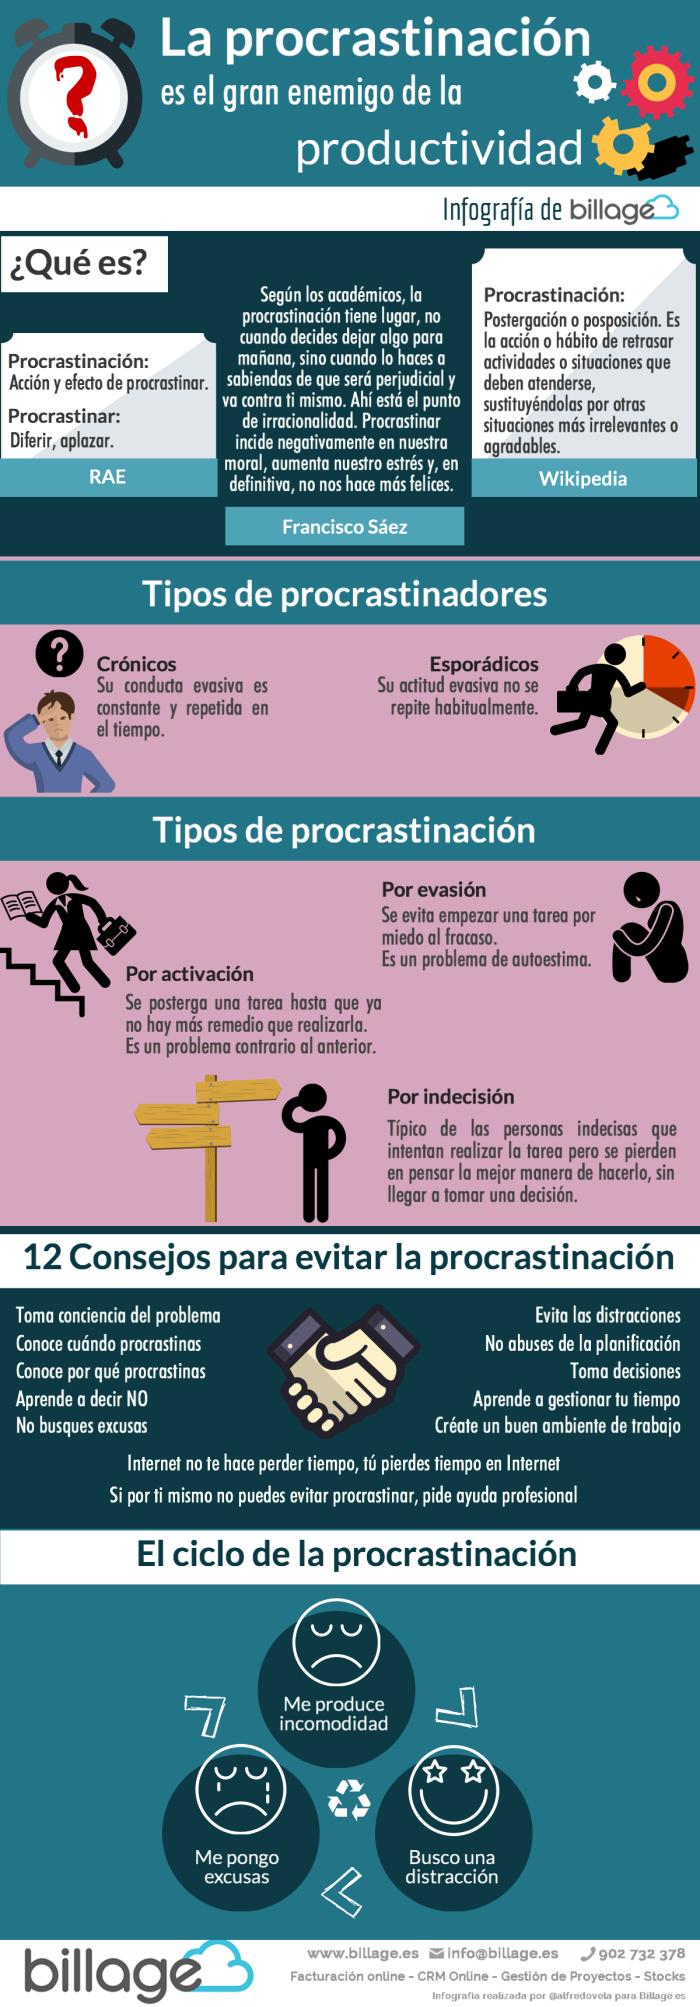 Procrastinación: el gran enemigo de la Productividad